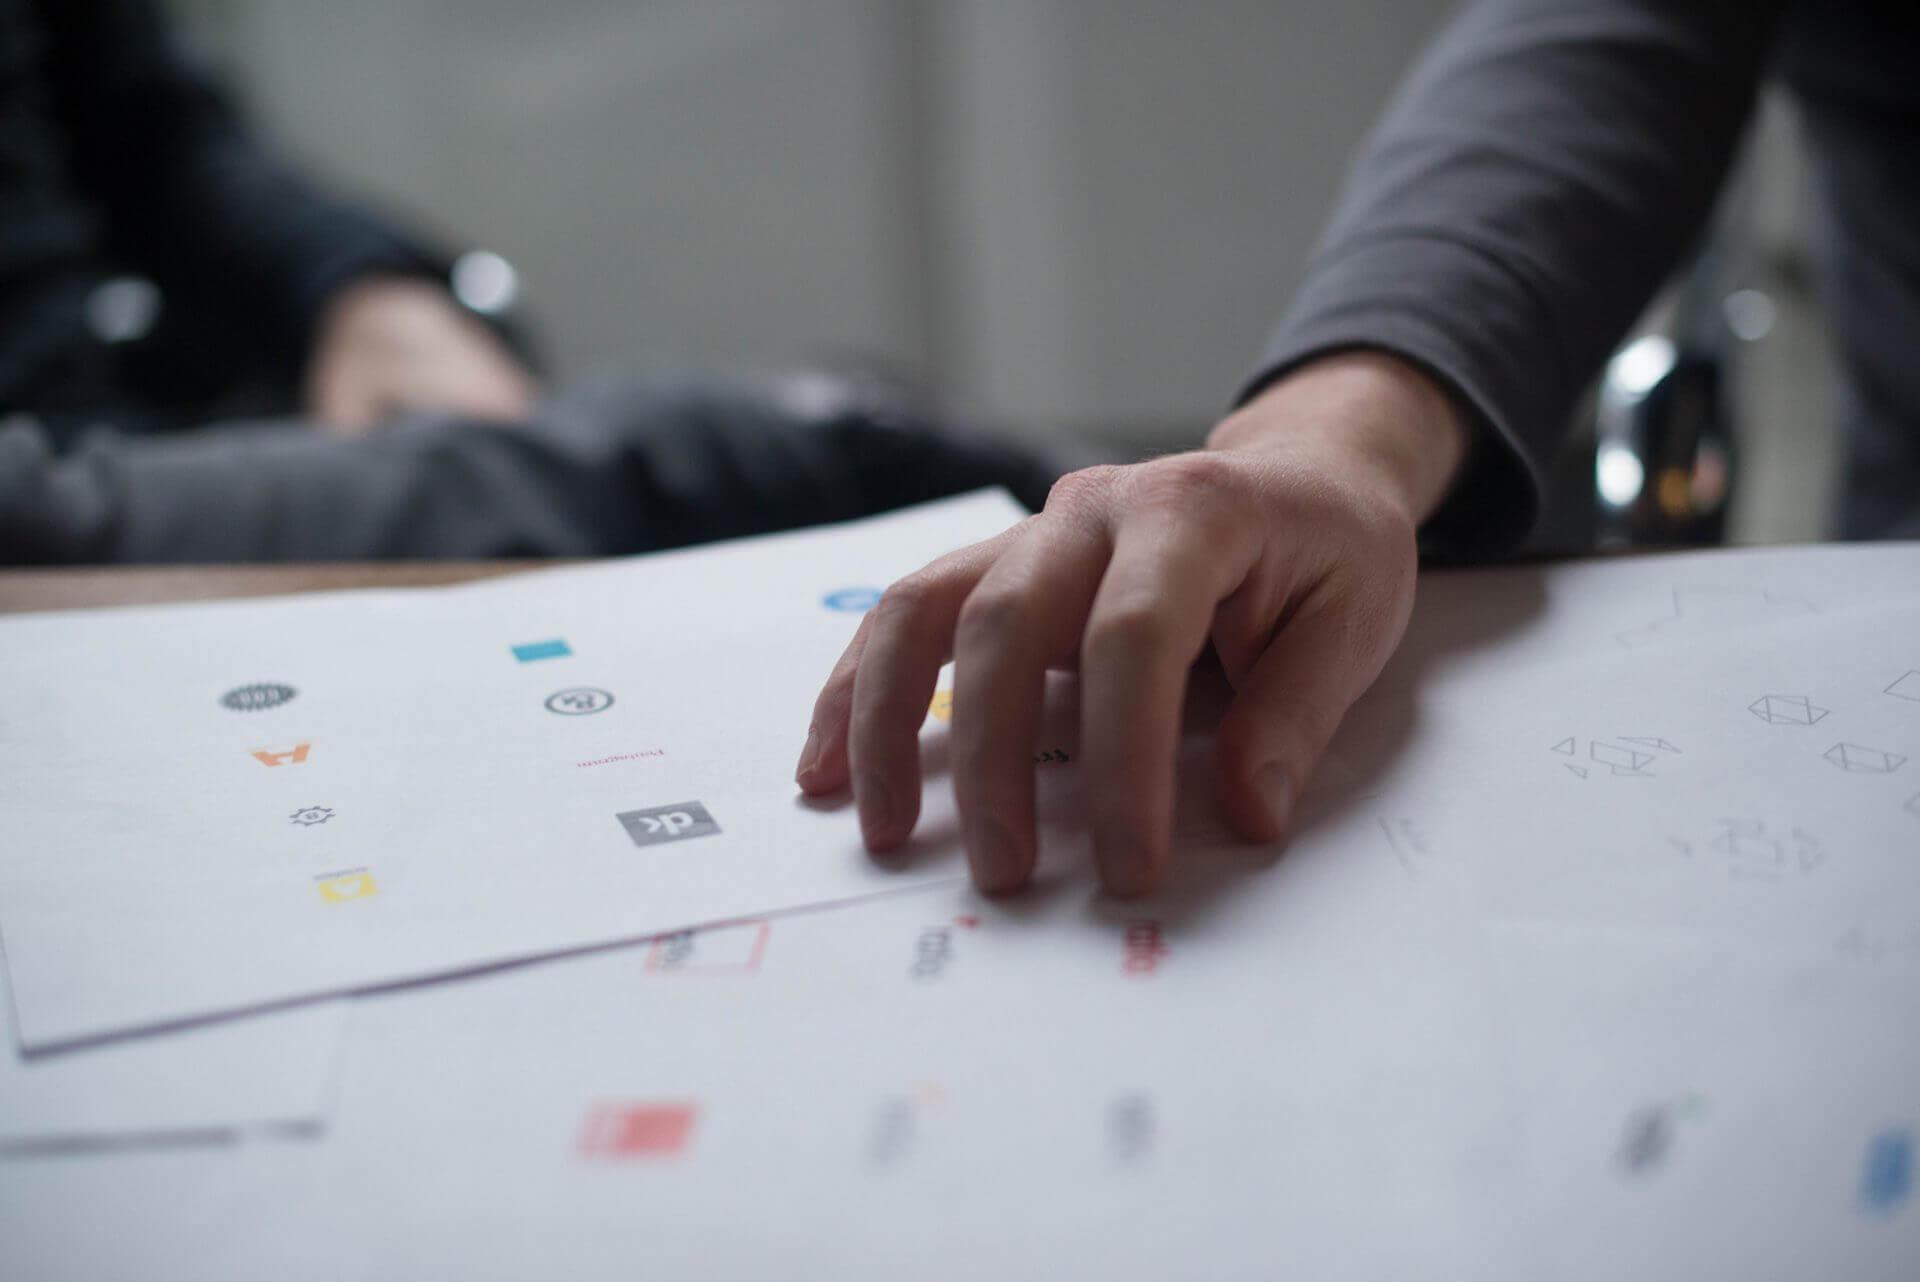 critique-design-designer-17845-1920x1282